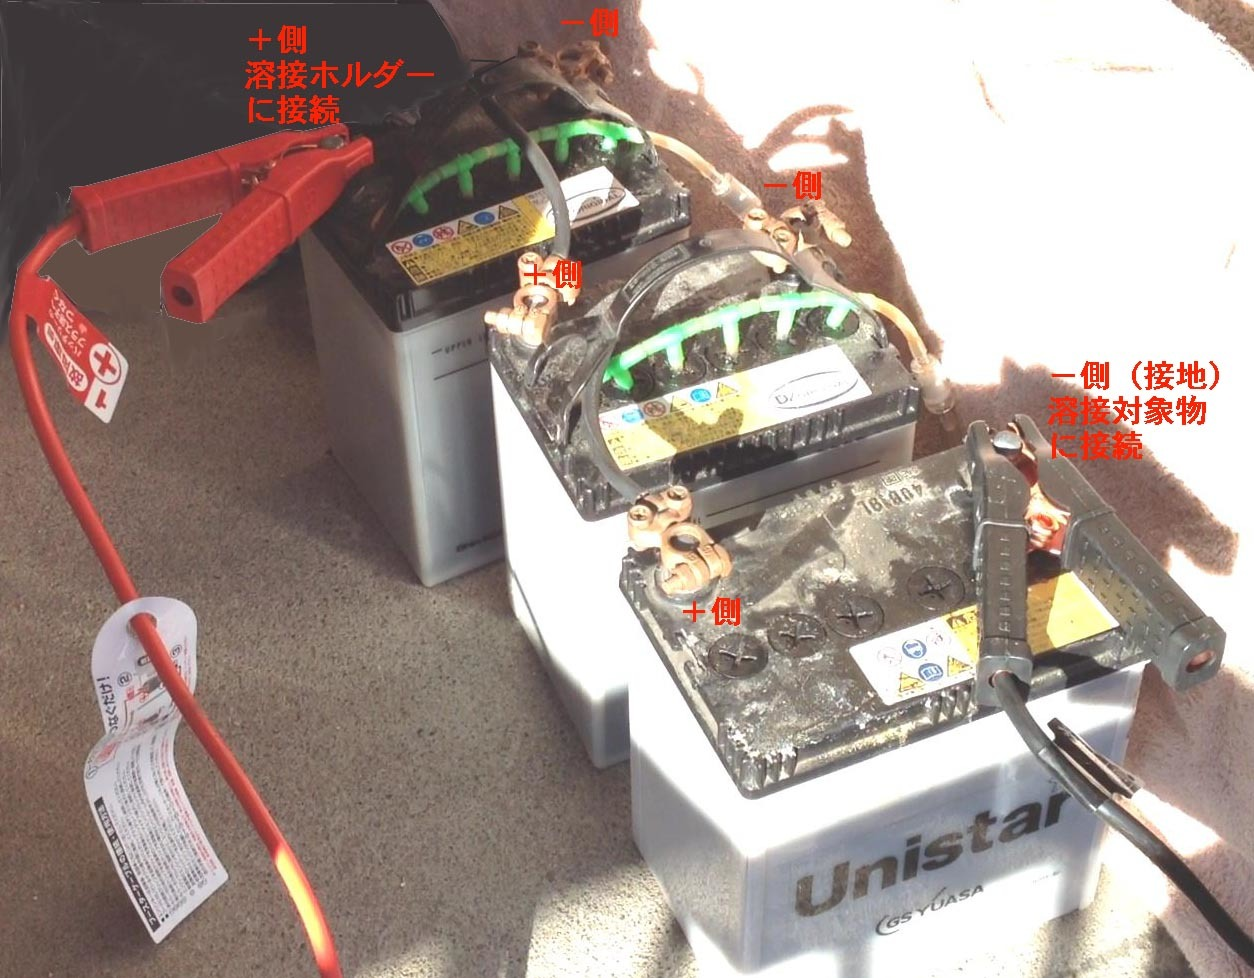 バッテリー接続の模様